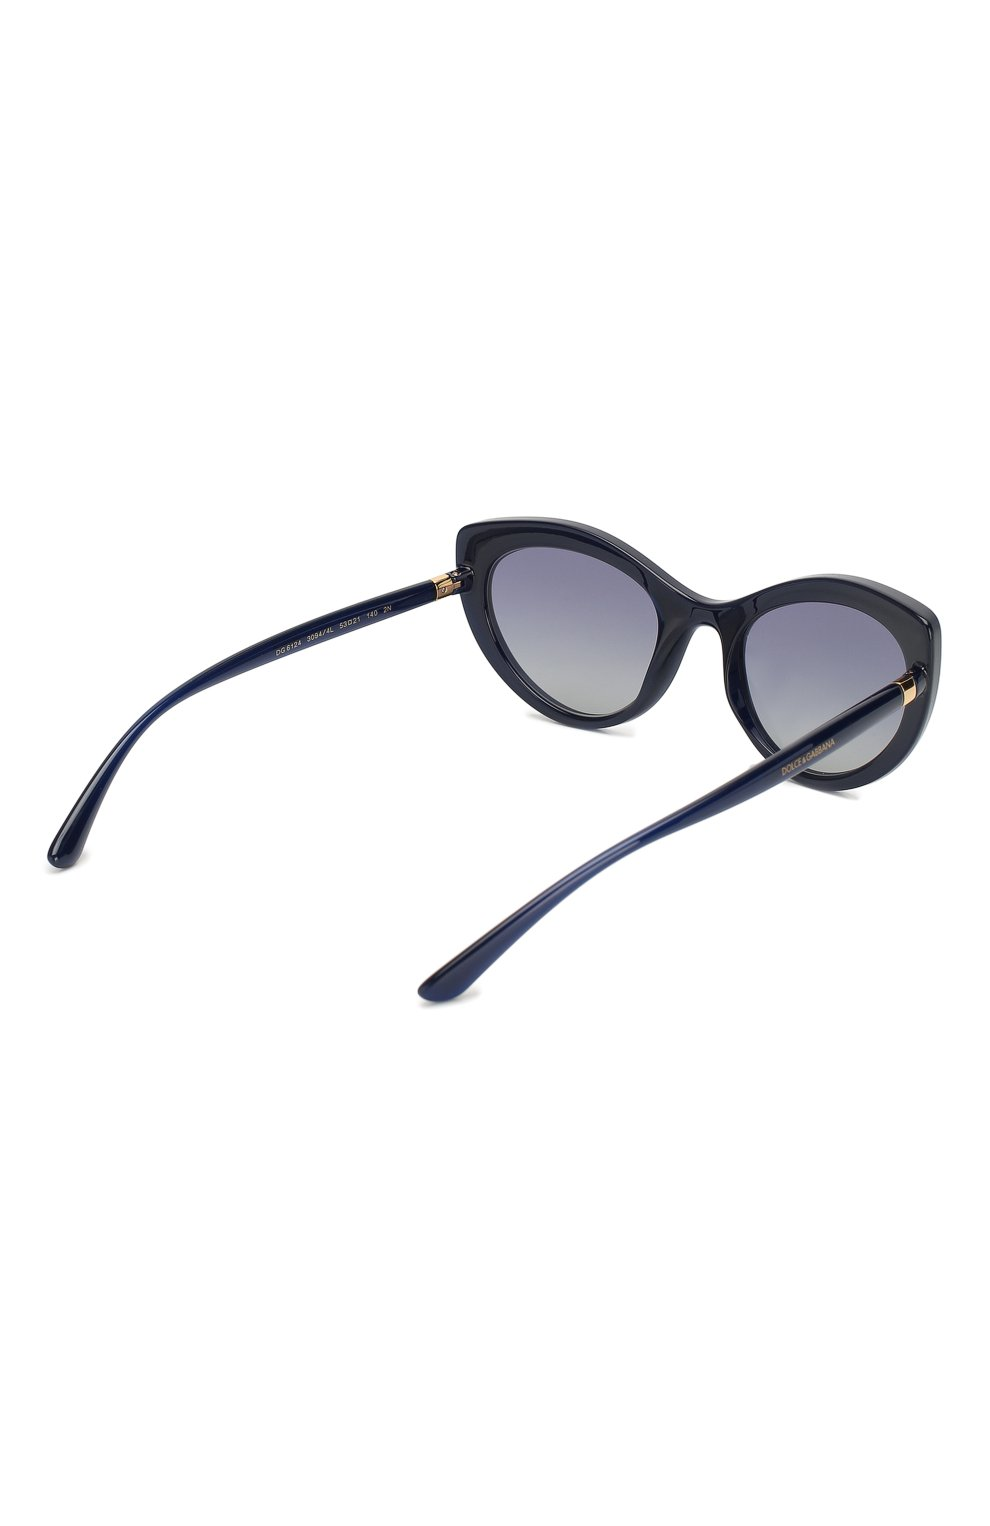 Женские солнцезащитные очки DOLCE & GABBANA синего цвета, арт. 6124-30944L   Фото 4